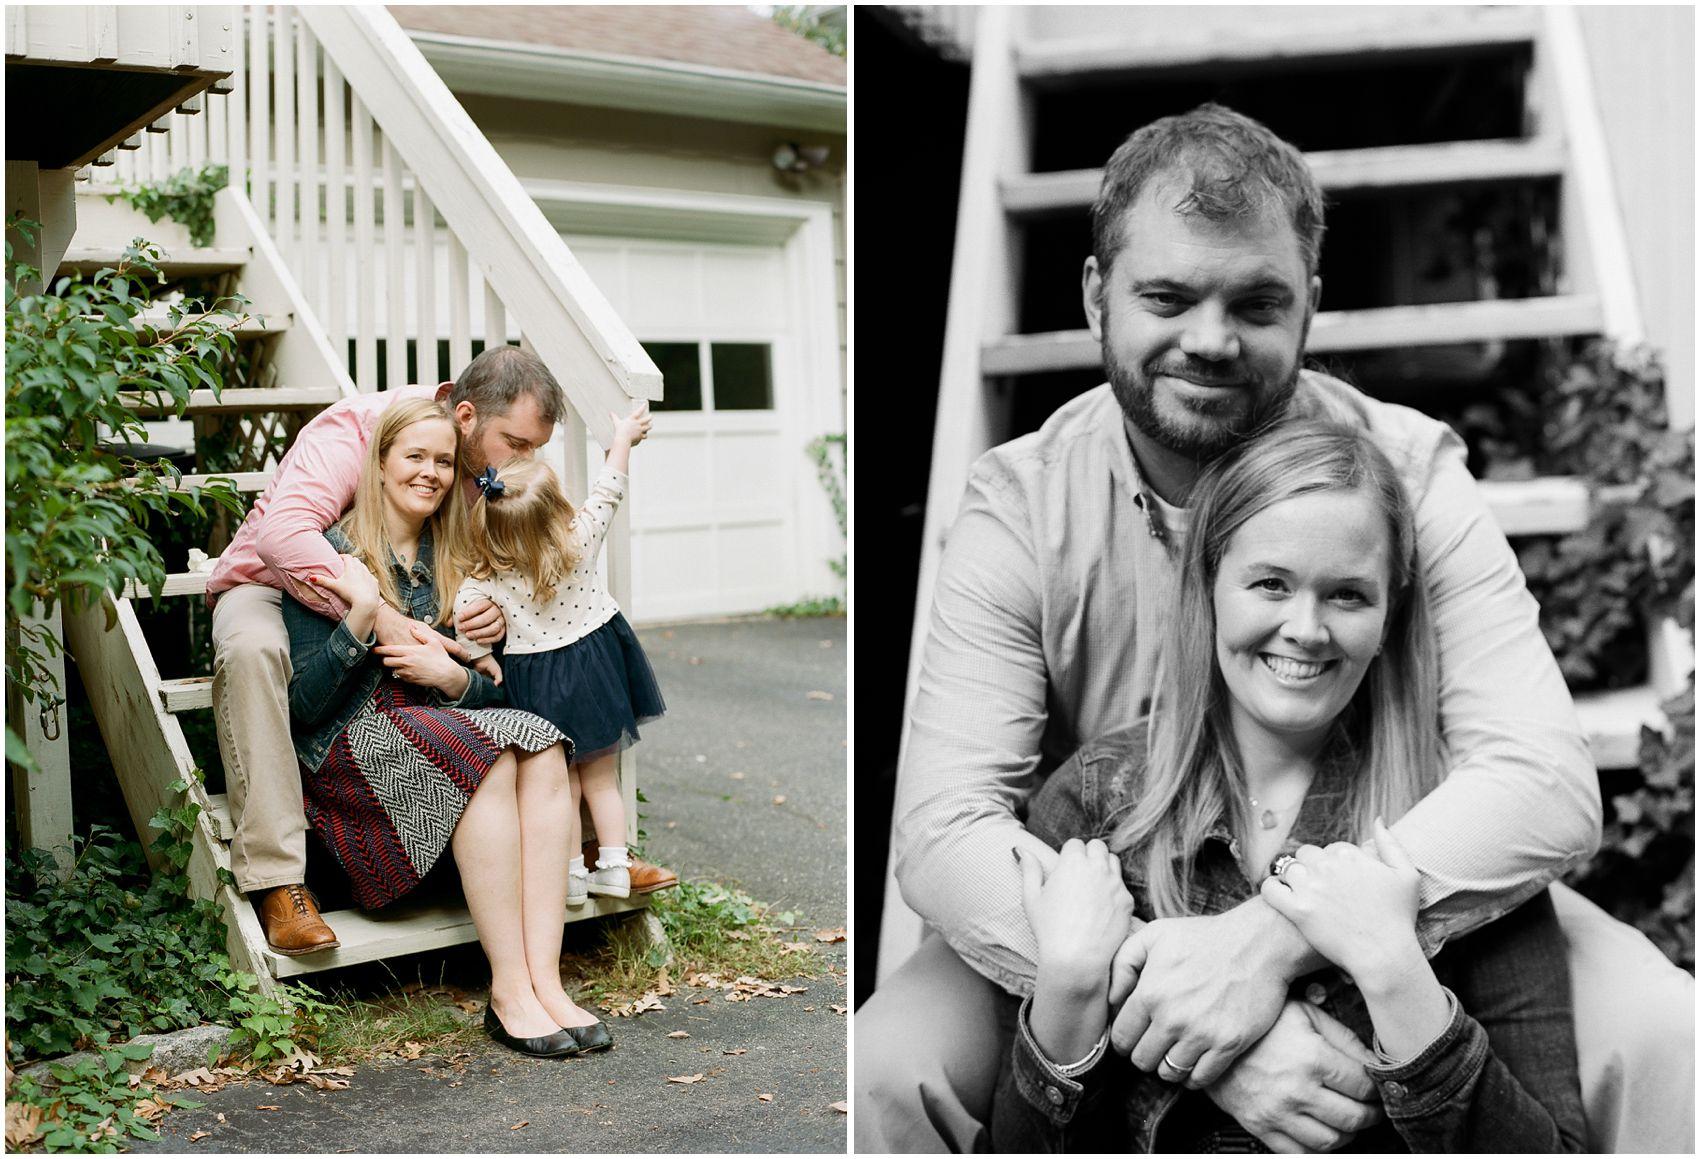 family-photographer-Glen-Rock-NJ_0975.jpg